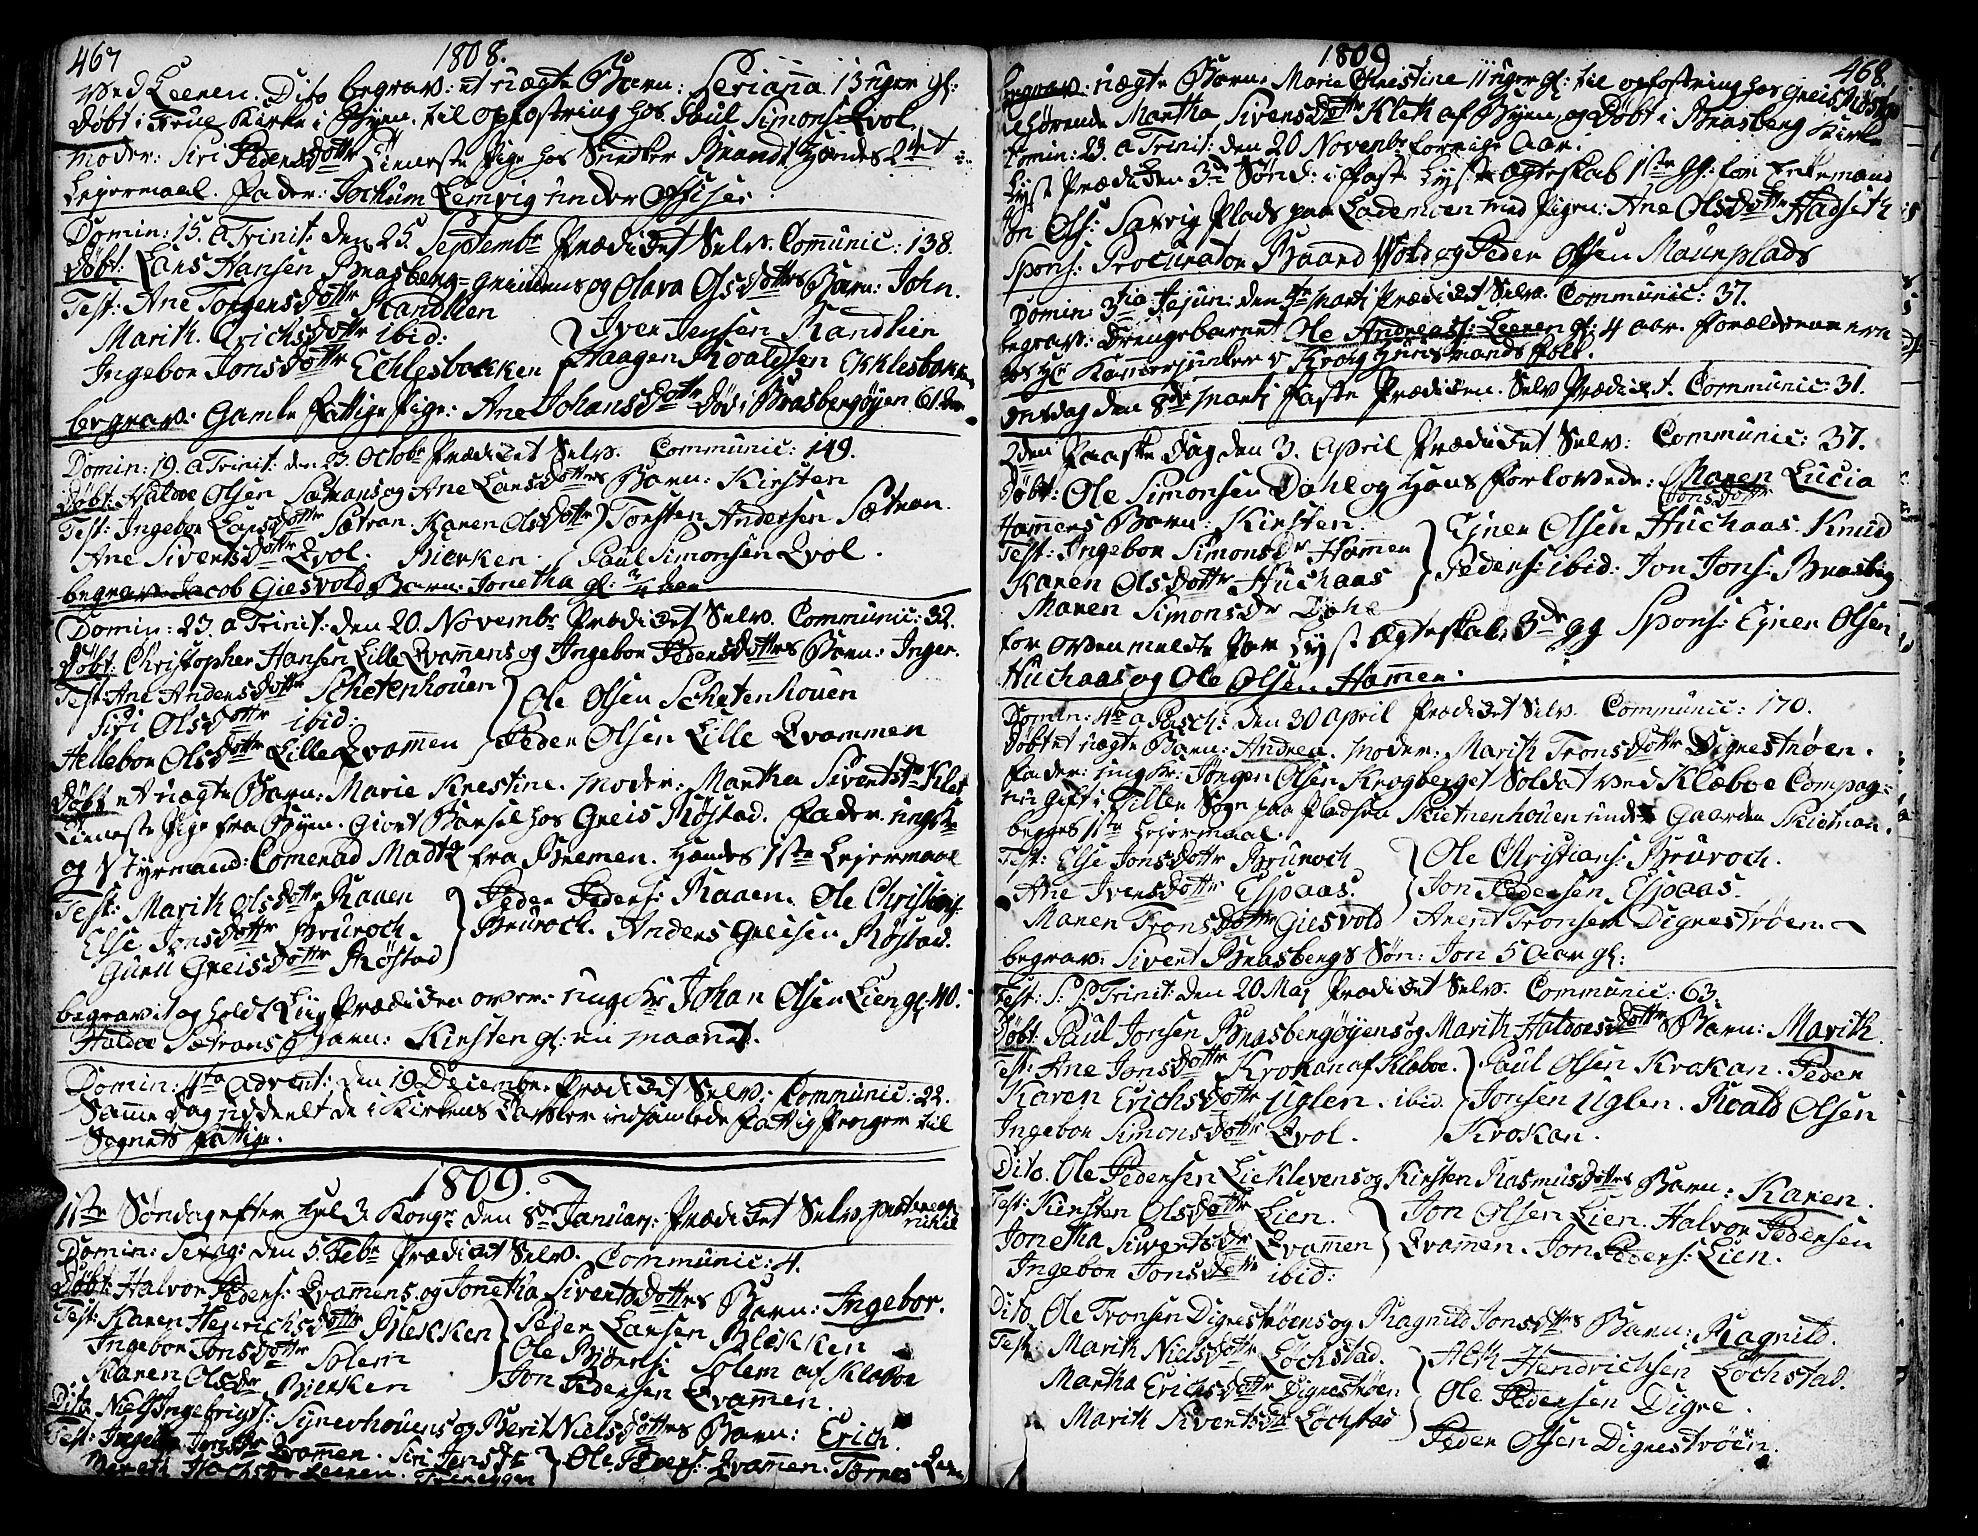 SAT, Ministerialprotokoller, klokkerbøker og fødselsregistre - Sør-Trøndelag, 606/L0282: Ministerialbok nr. 606A02 /3, 1781-1817, s. 467-468